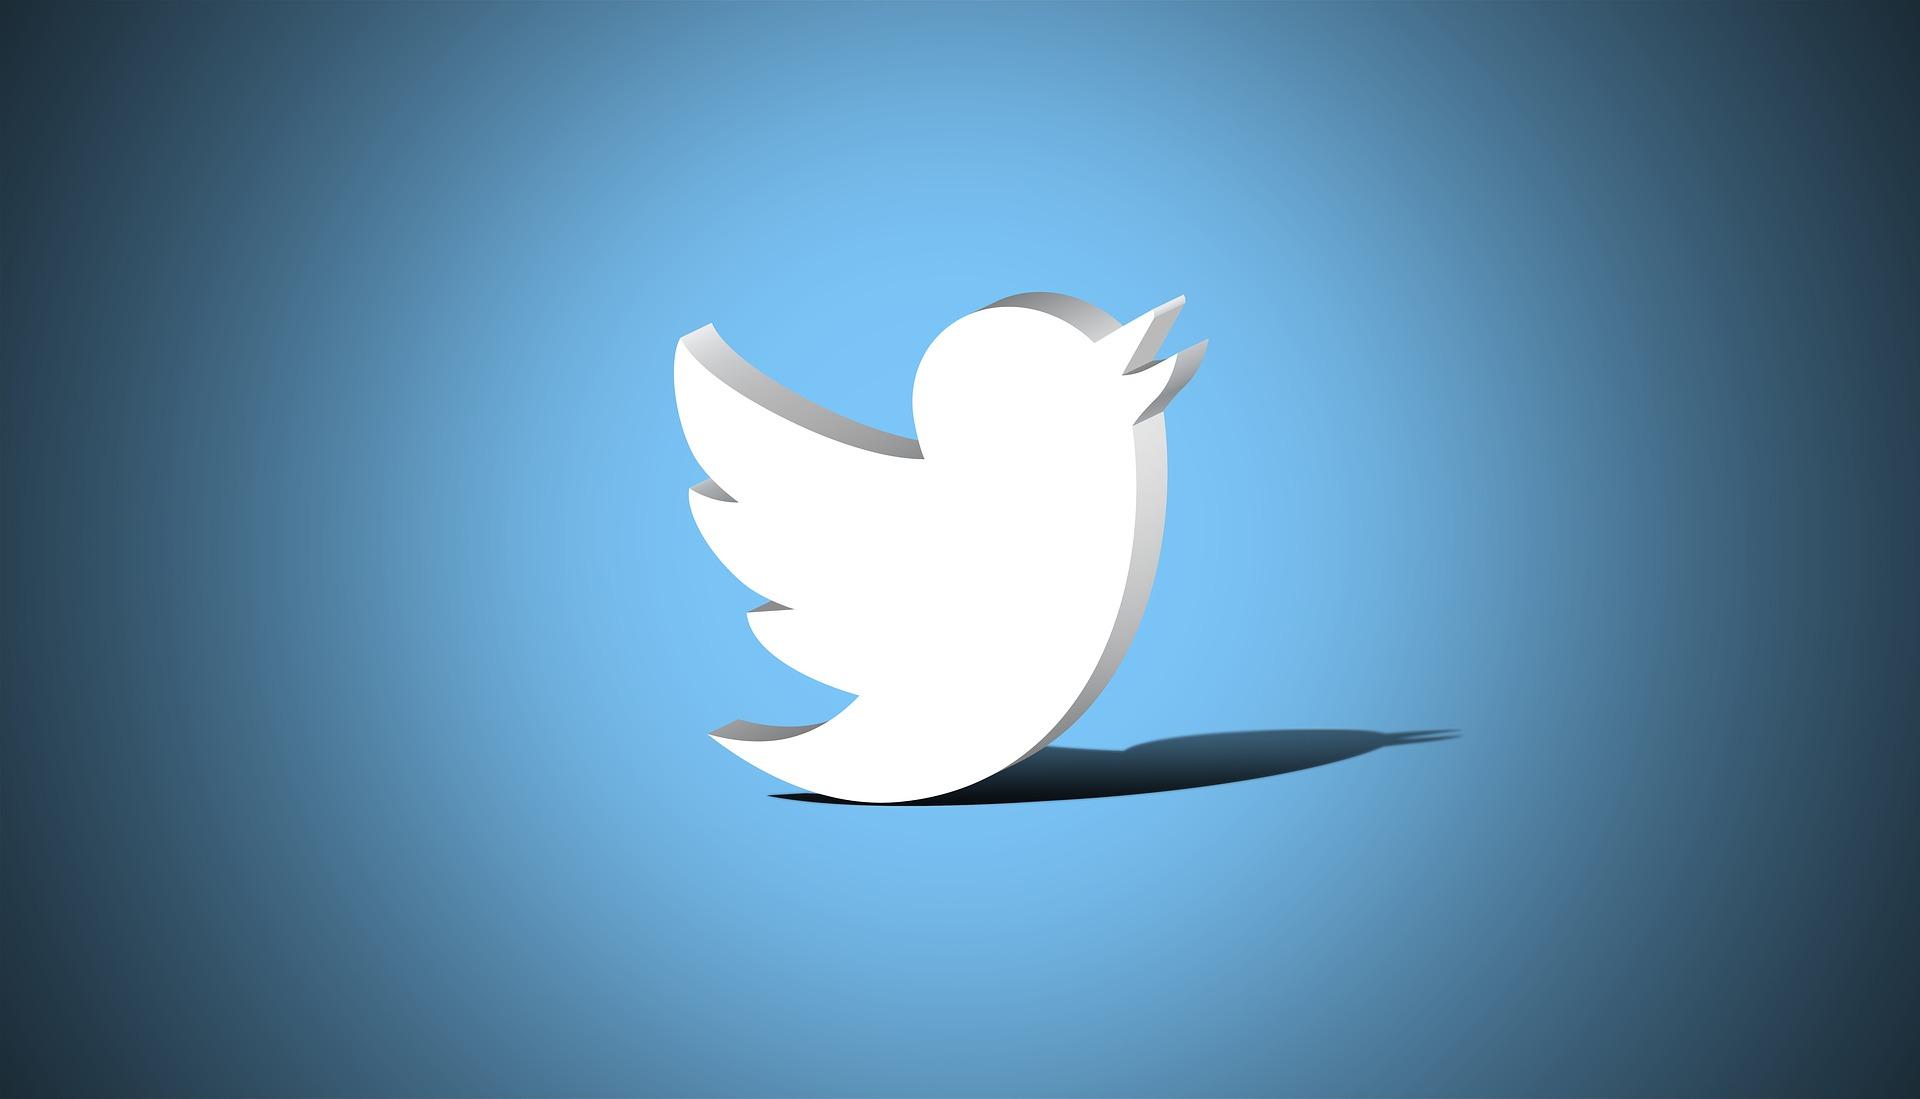 Twitter stock, TWTR stock, TWTR stock price, social media stocks